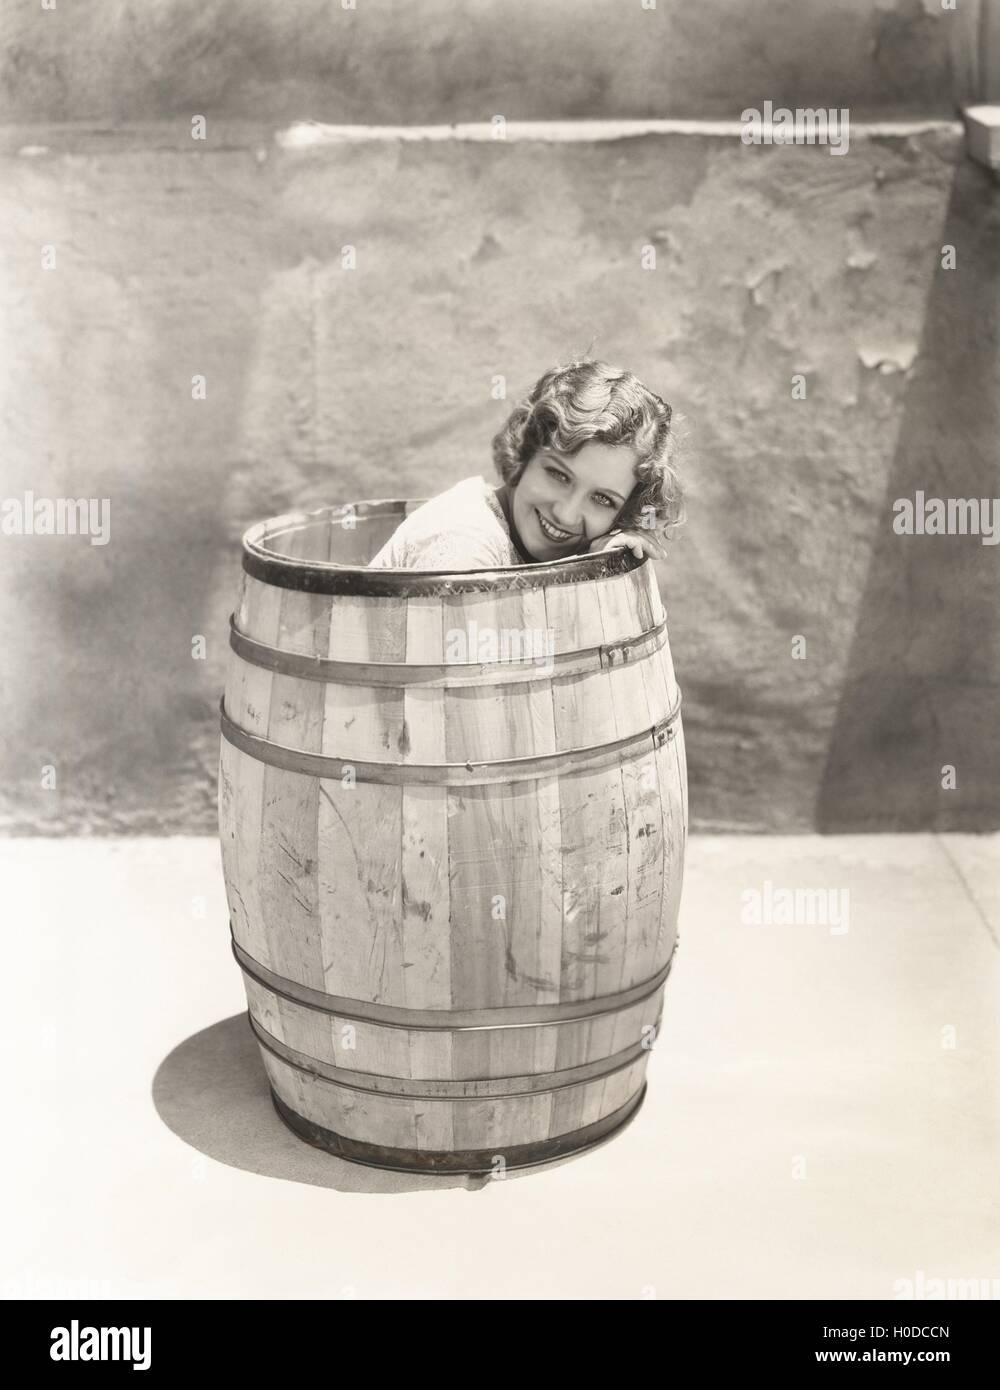 Barrel of fun - Stock Image